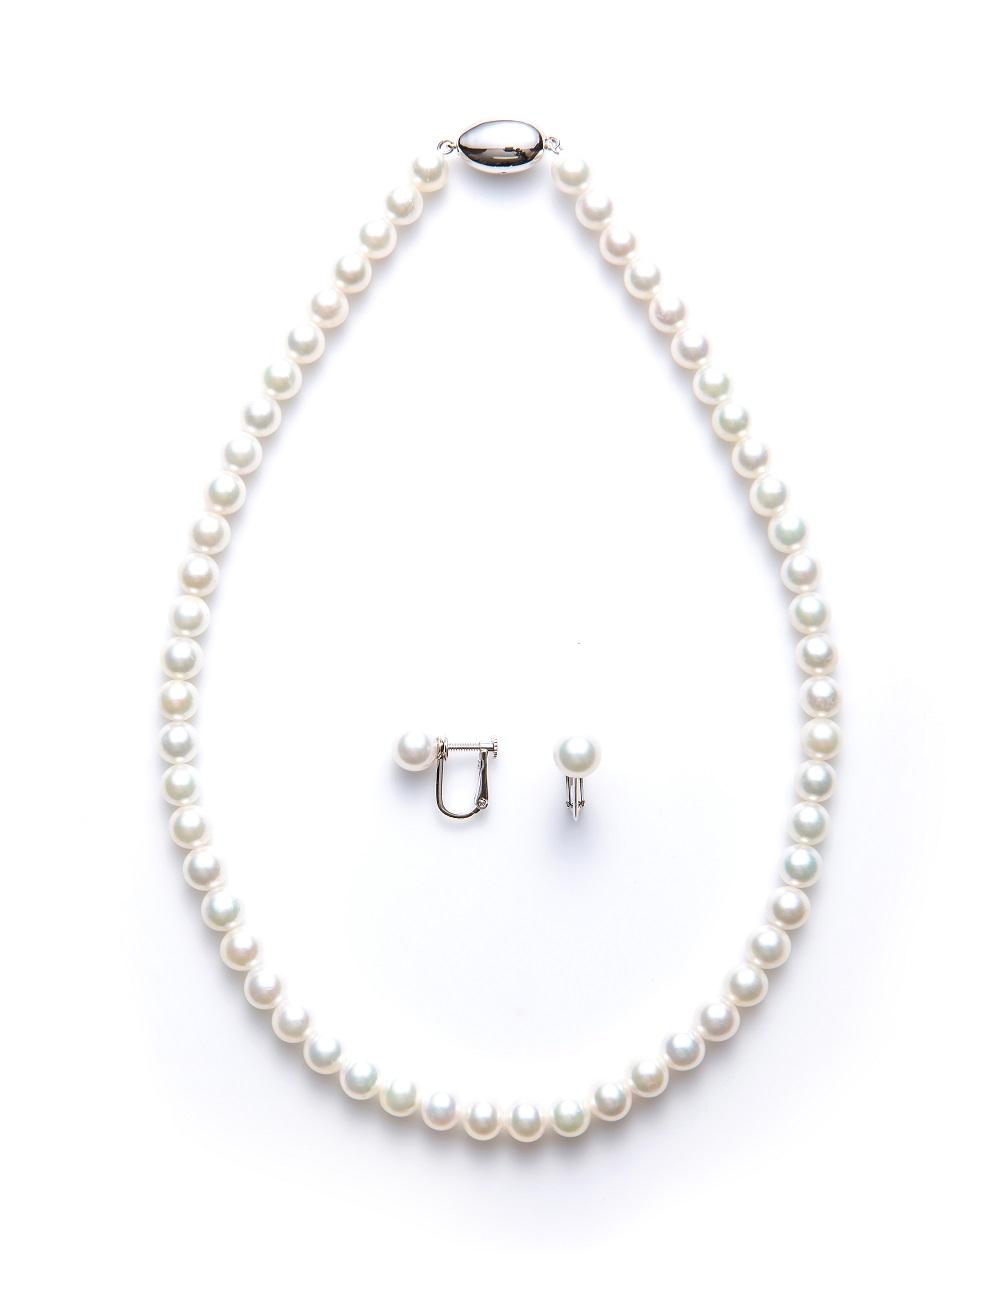 花珠真珠(パール)ネックレスセット